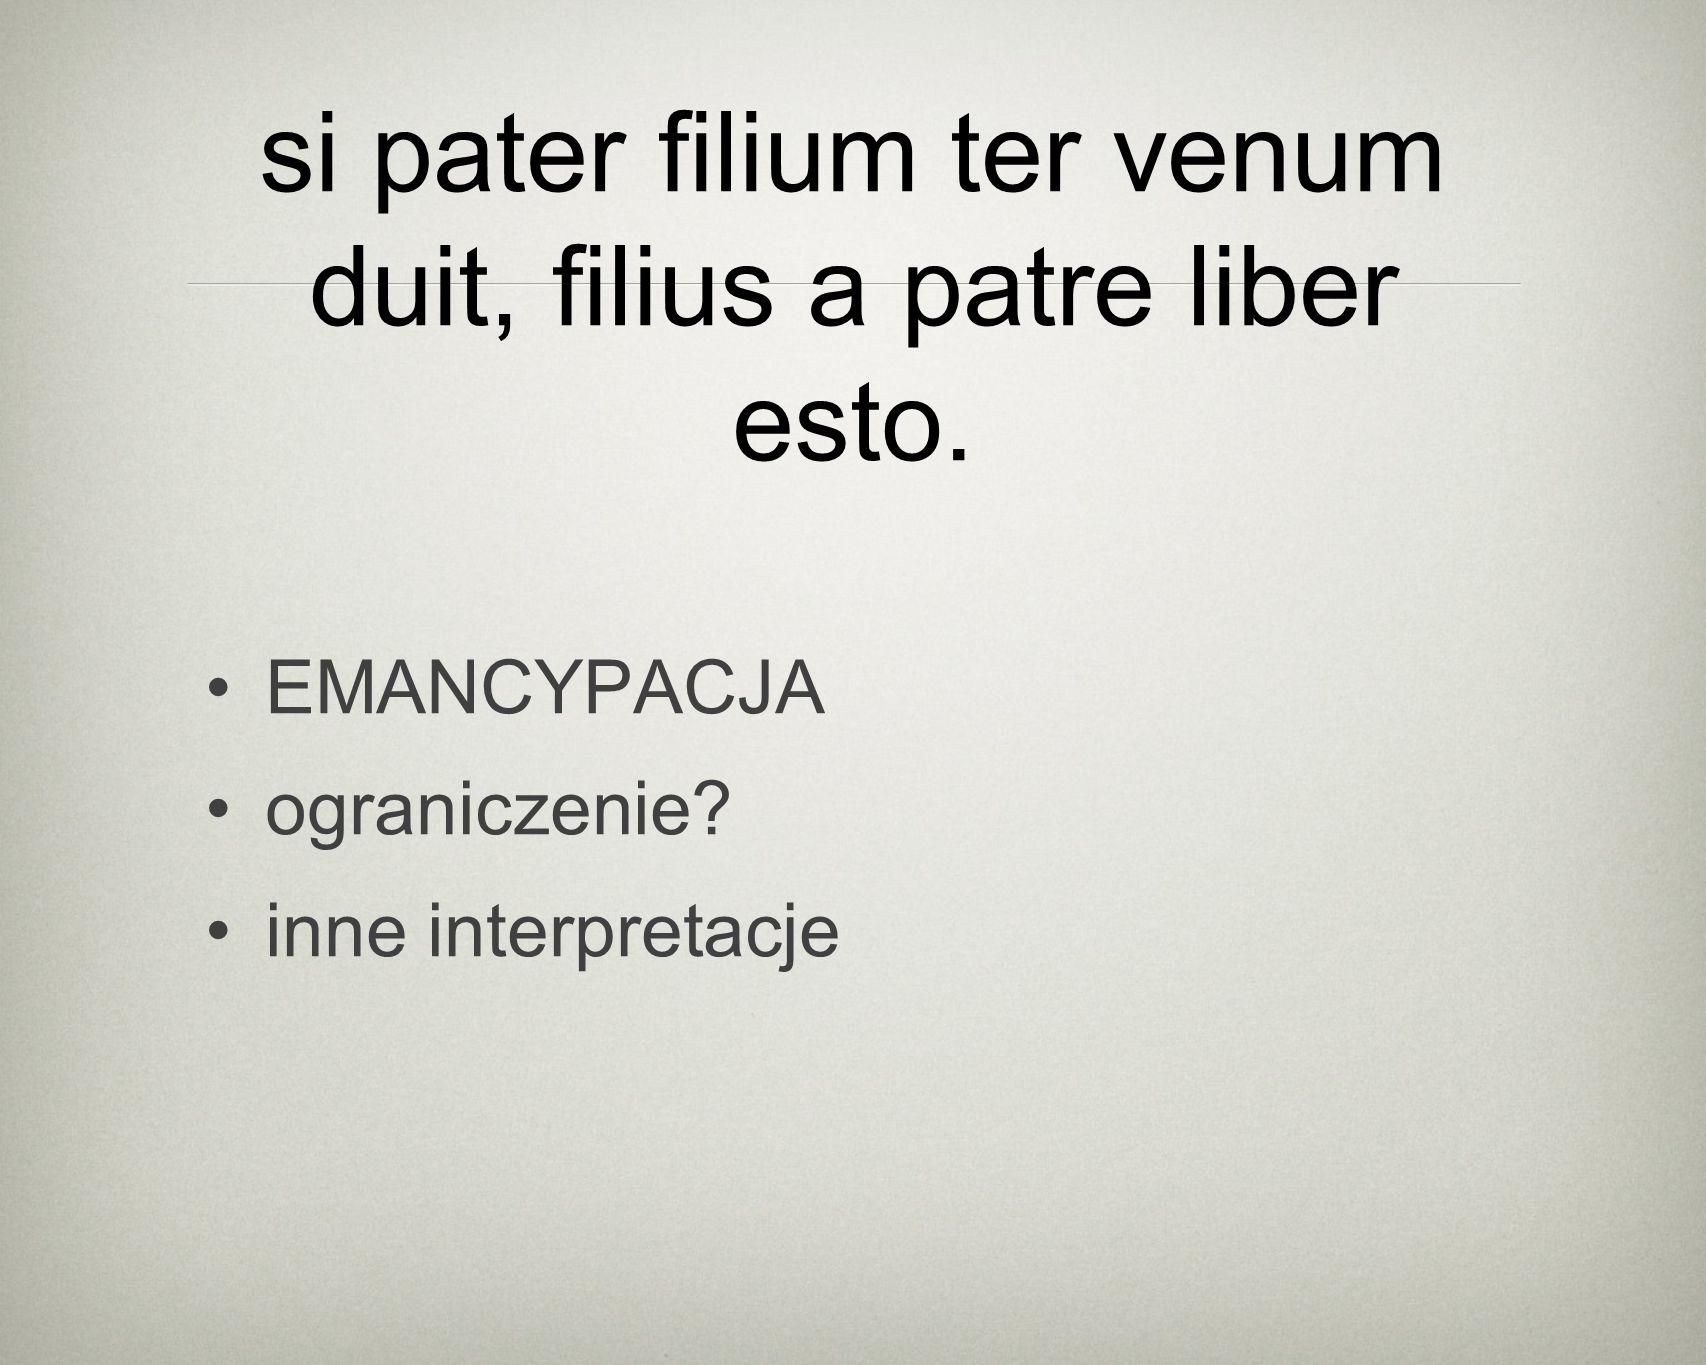 si pater filium ter venum duit, filius a patre liber esto.